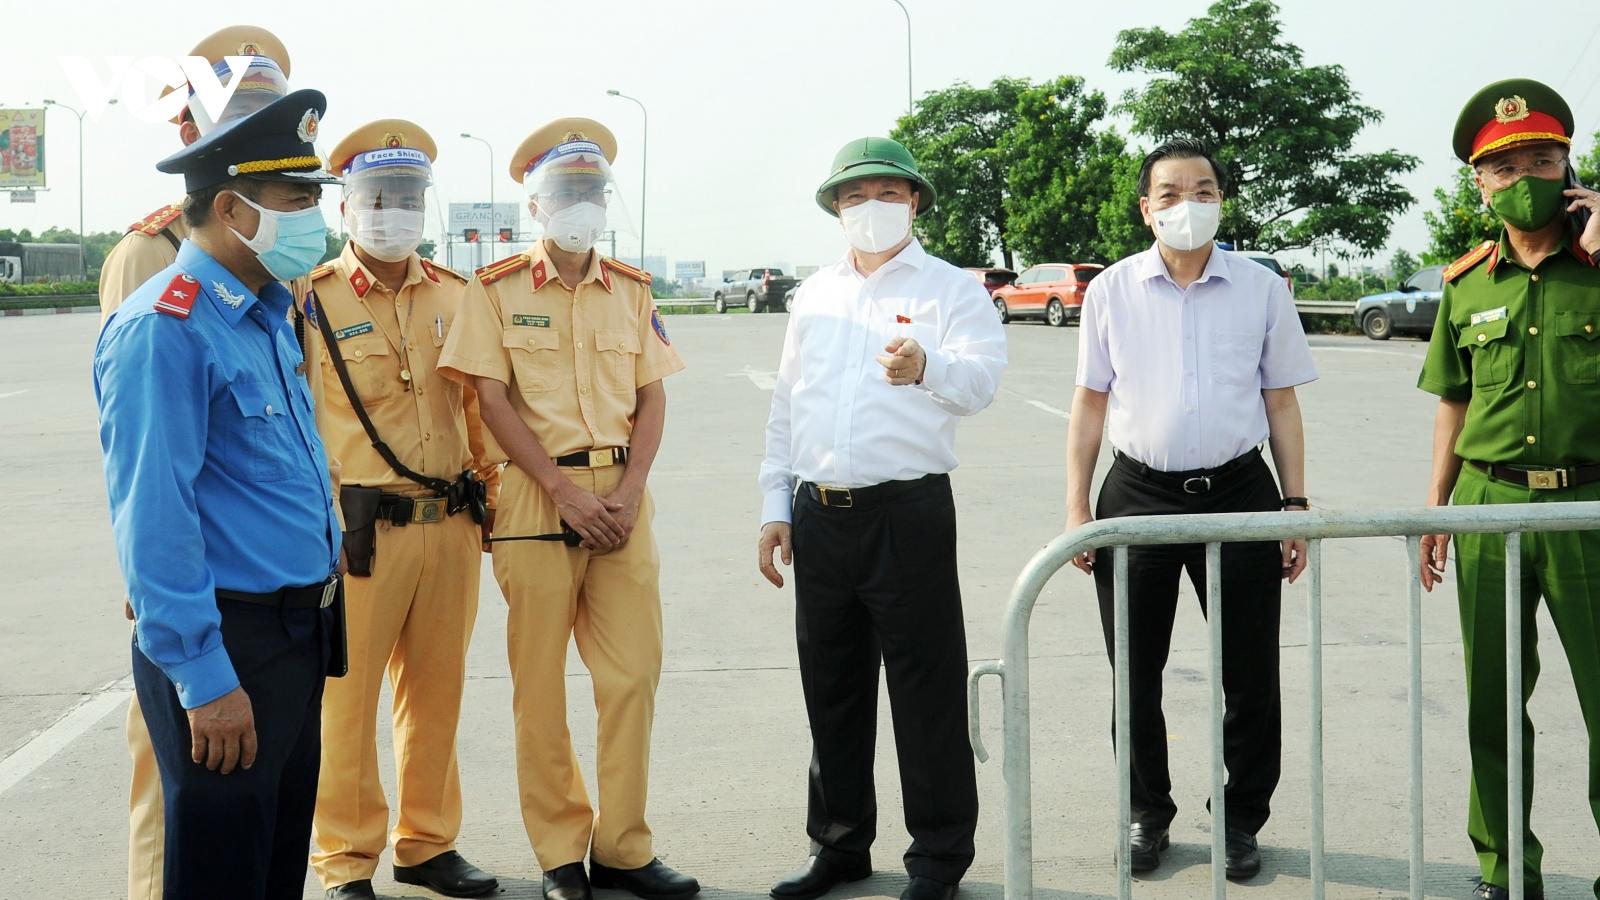 Hà Nội siết chặt kiểm soát tại cửa ngõ, đảm bảo an toàn tuyệt đối dịp Quốc khánh